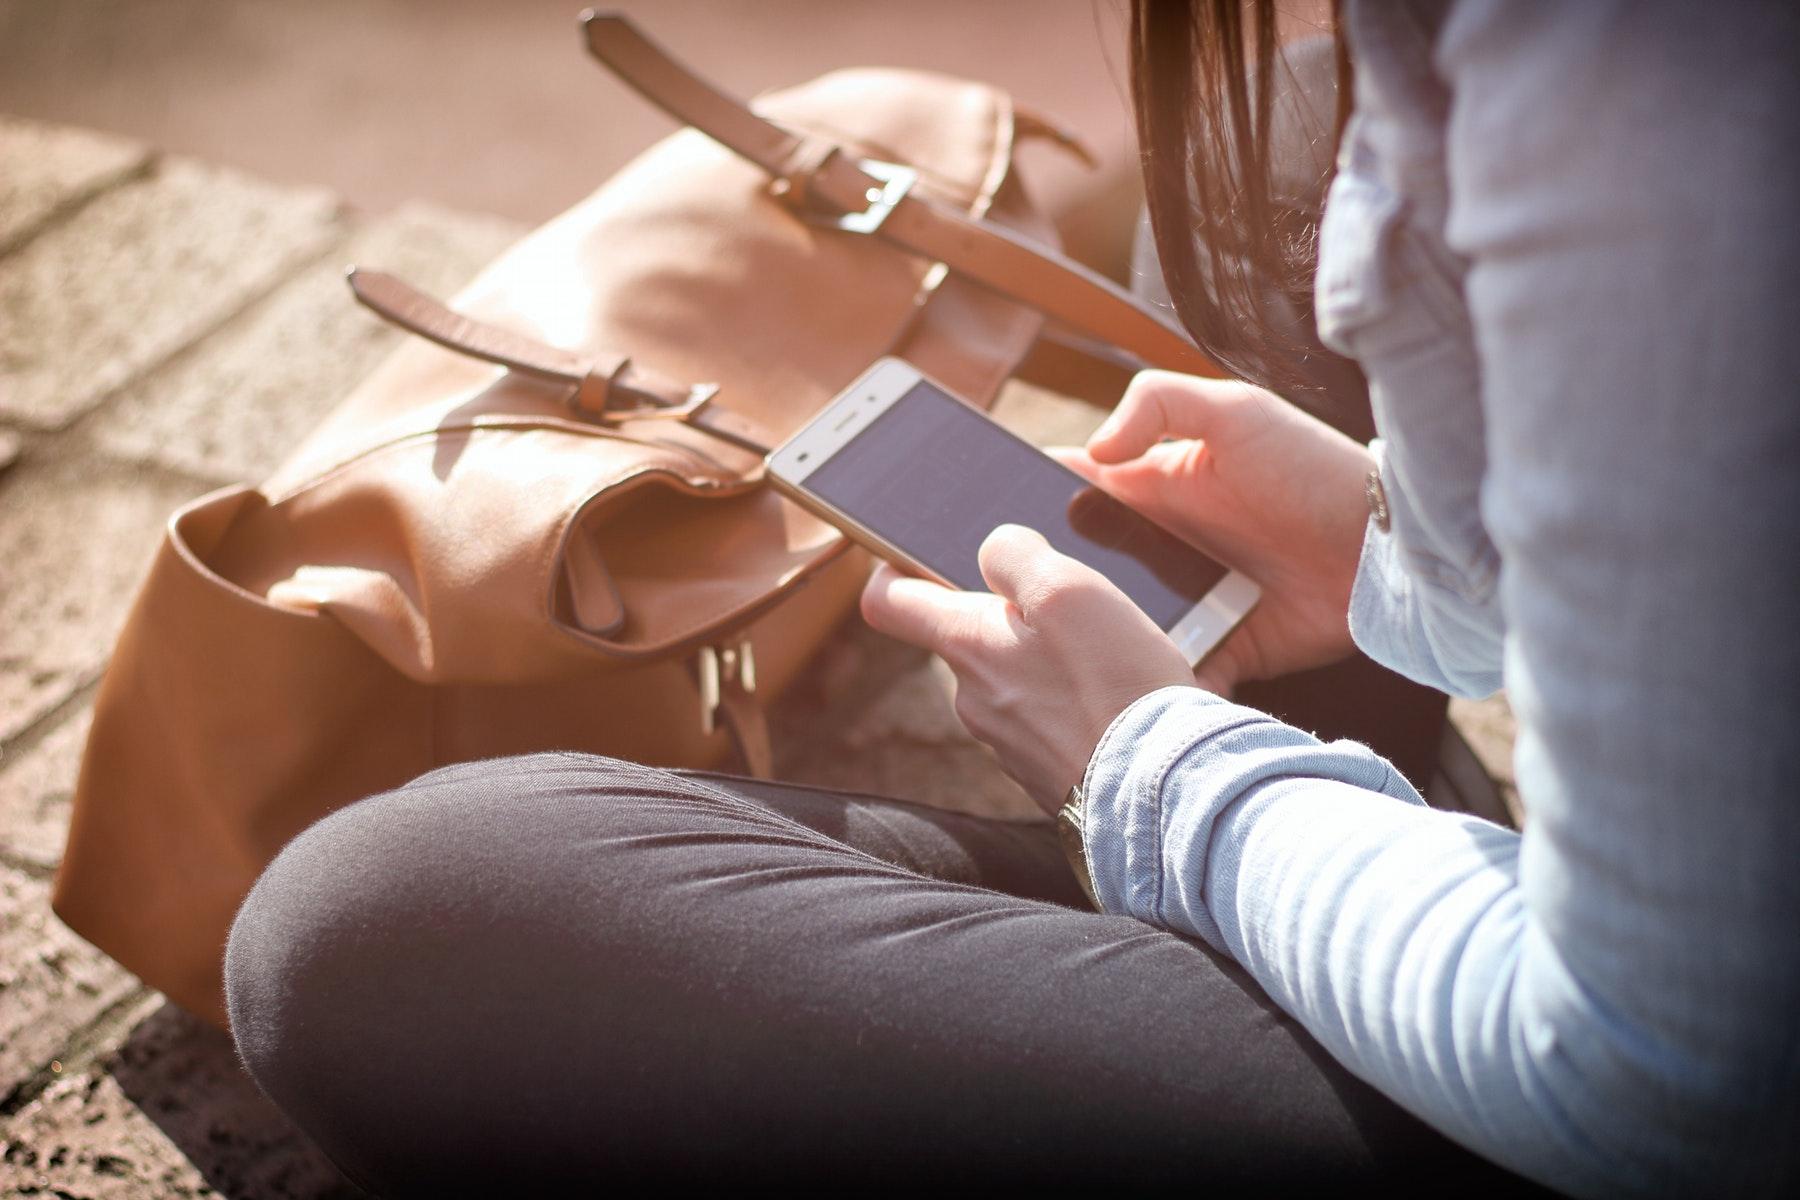 selvværd, selvtillid, mobilforbrug, mobil, afhængig, mobilafhængig, space, overvågning, telefoni, sociale medier, test, kvinder, liv, afhængighed